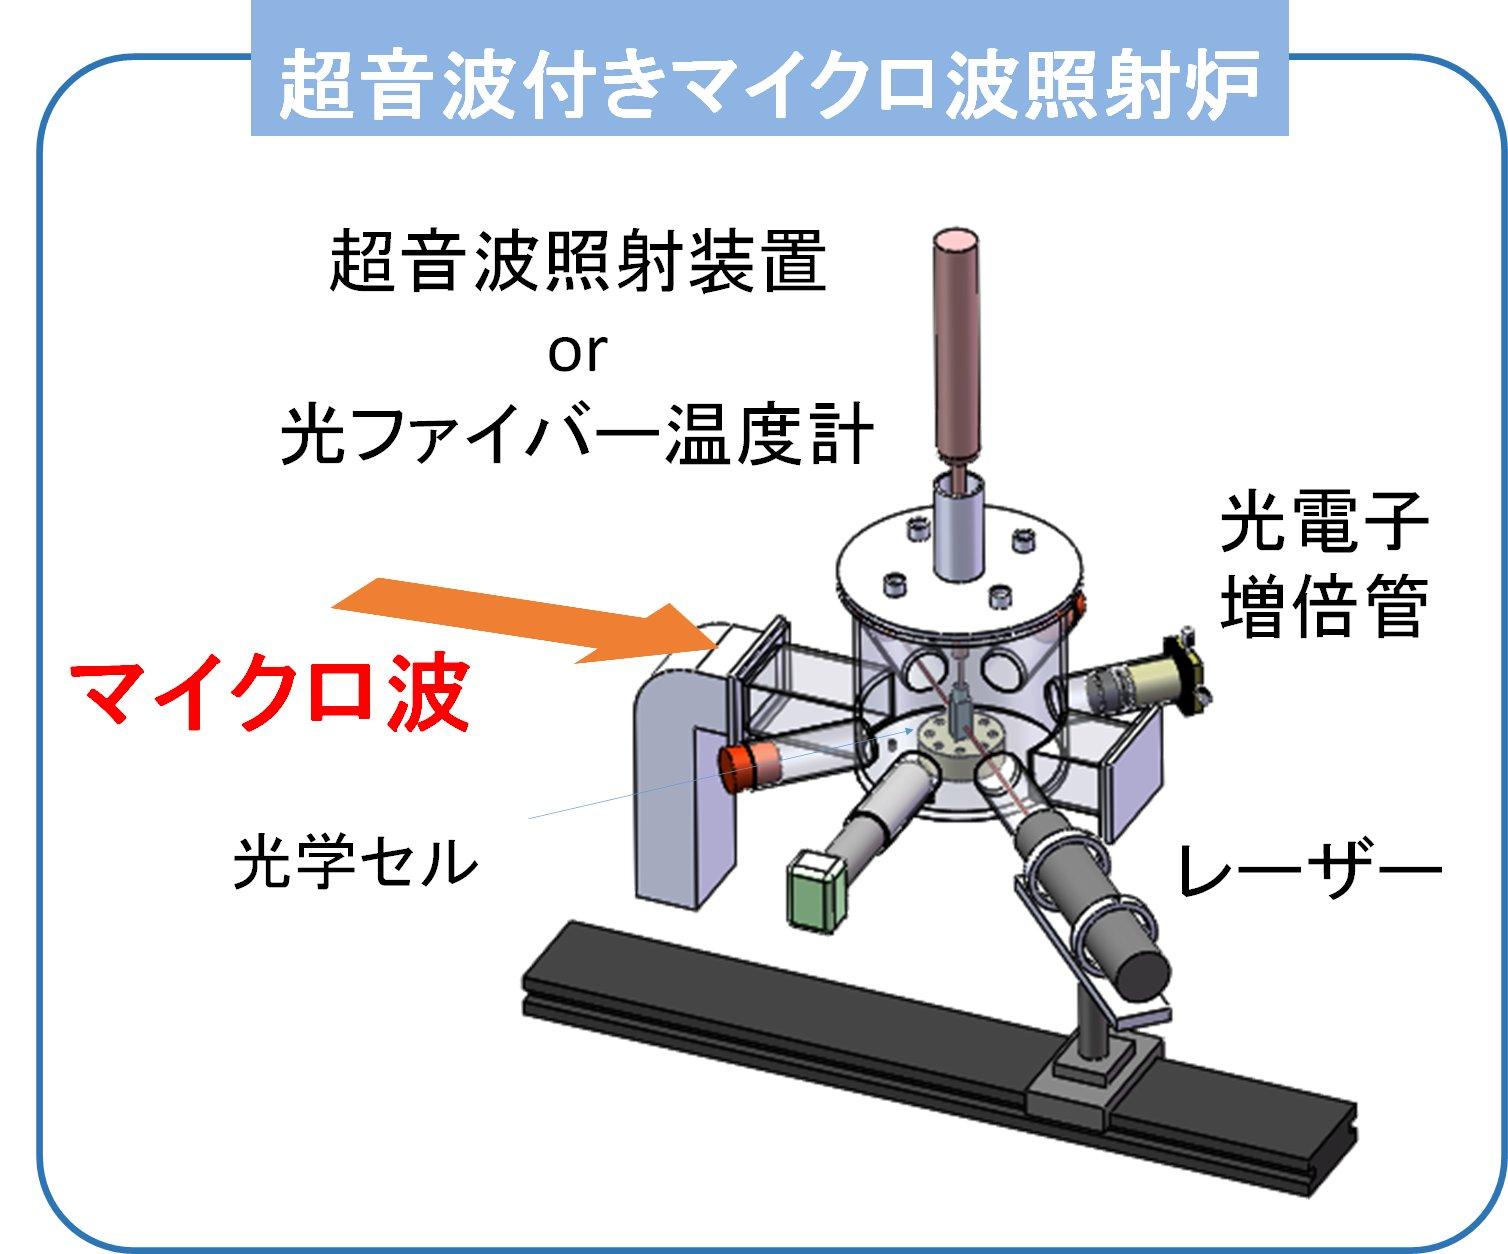 26 超音波を併用したマイクロ波照射による微粒化プロセス構築 ~電子レンジを利用したナノ粒子生成~